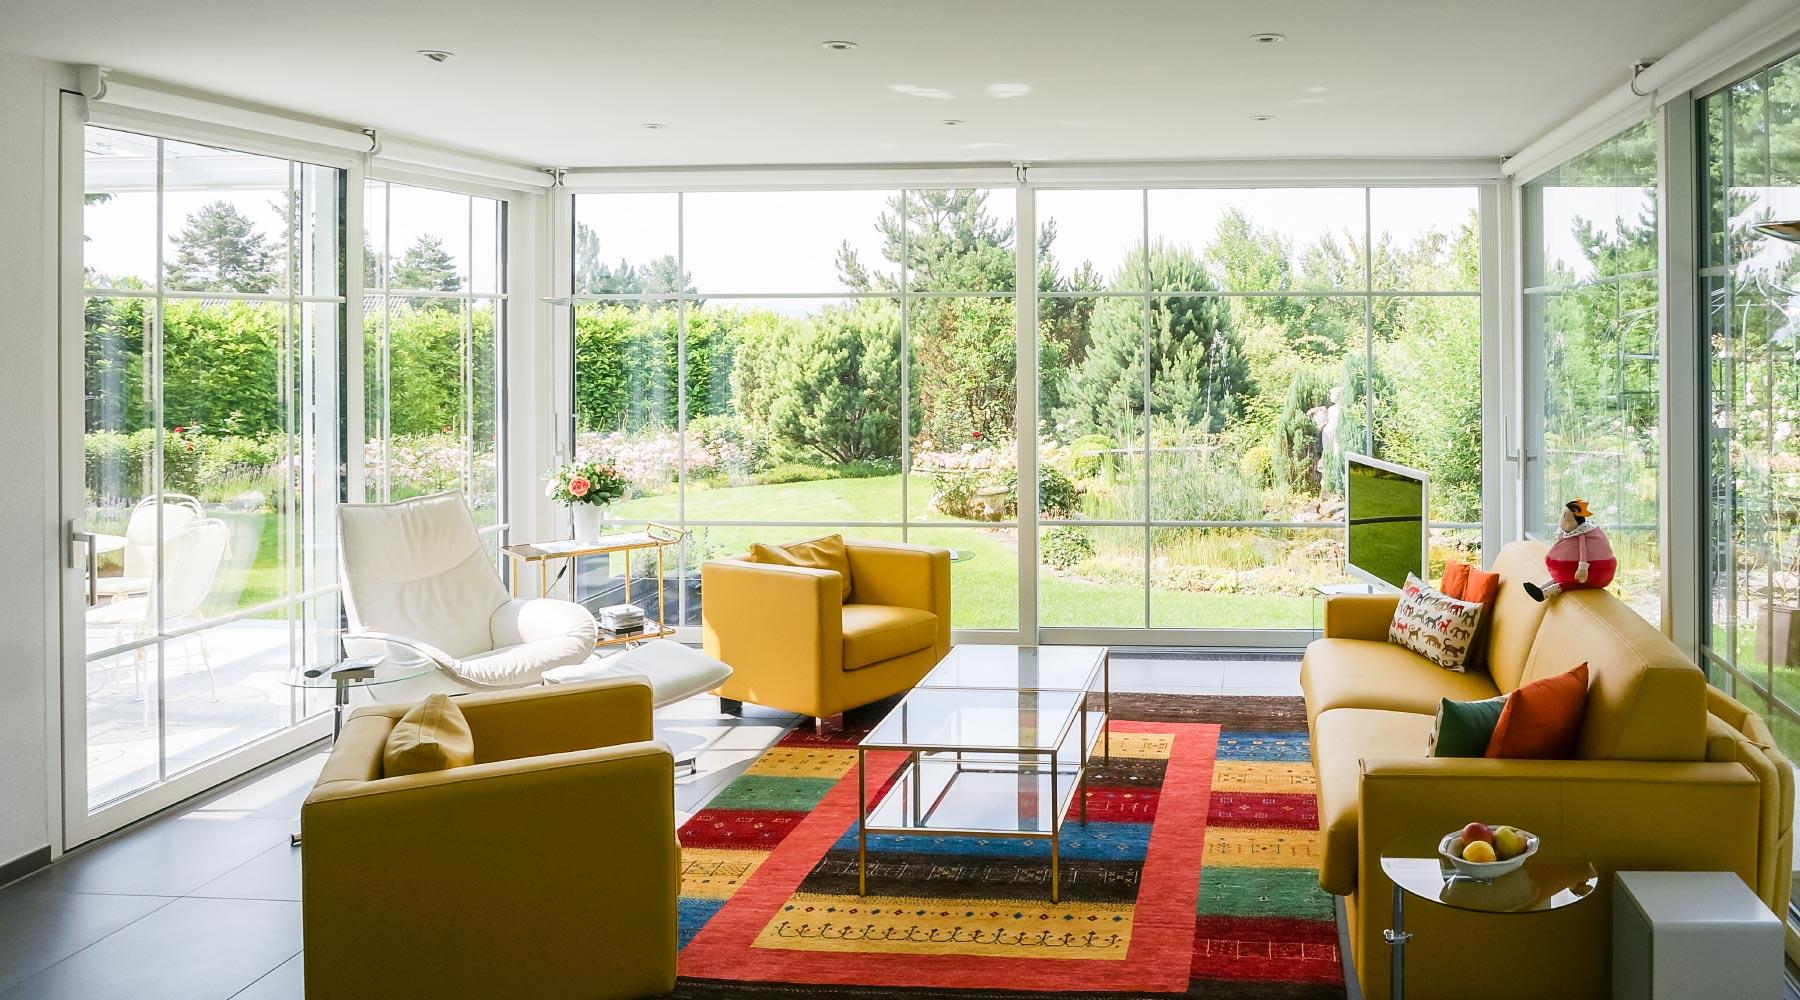 Anbauten Aus Holz Und Glas wintergarten wohnwintergarten wohnraumerweiterungen verglasungen